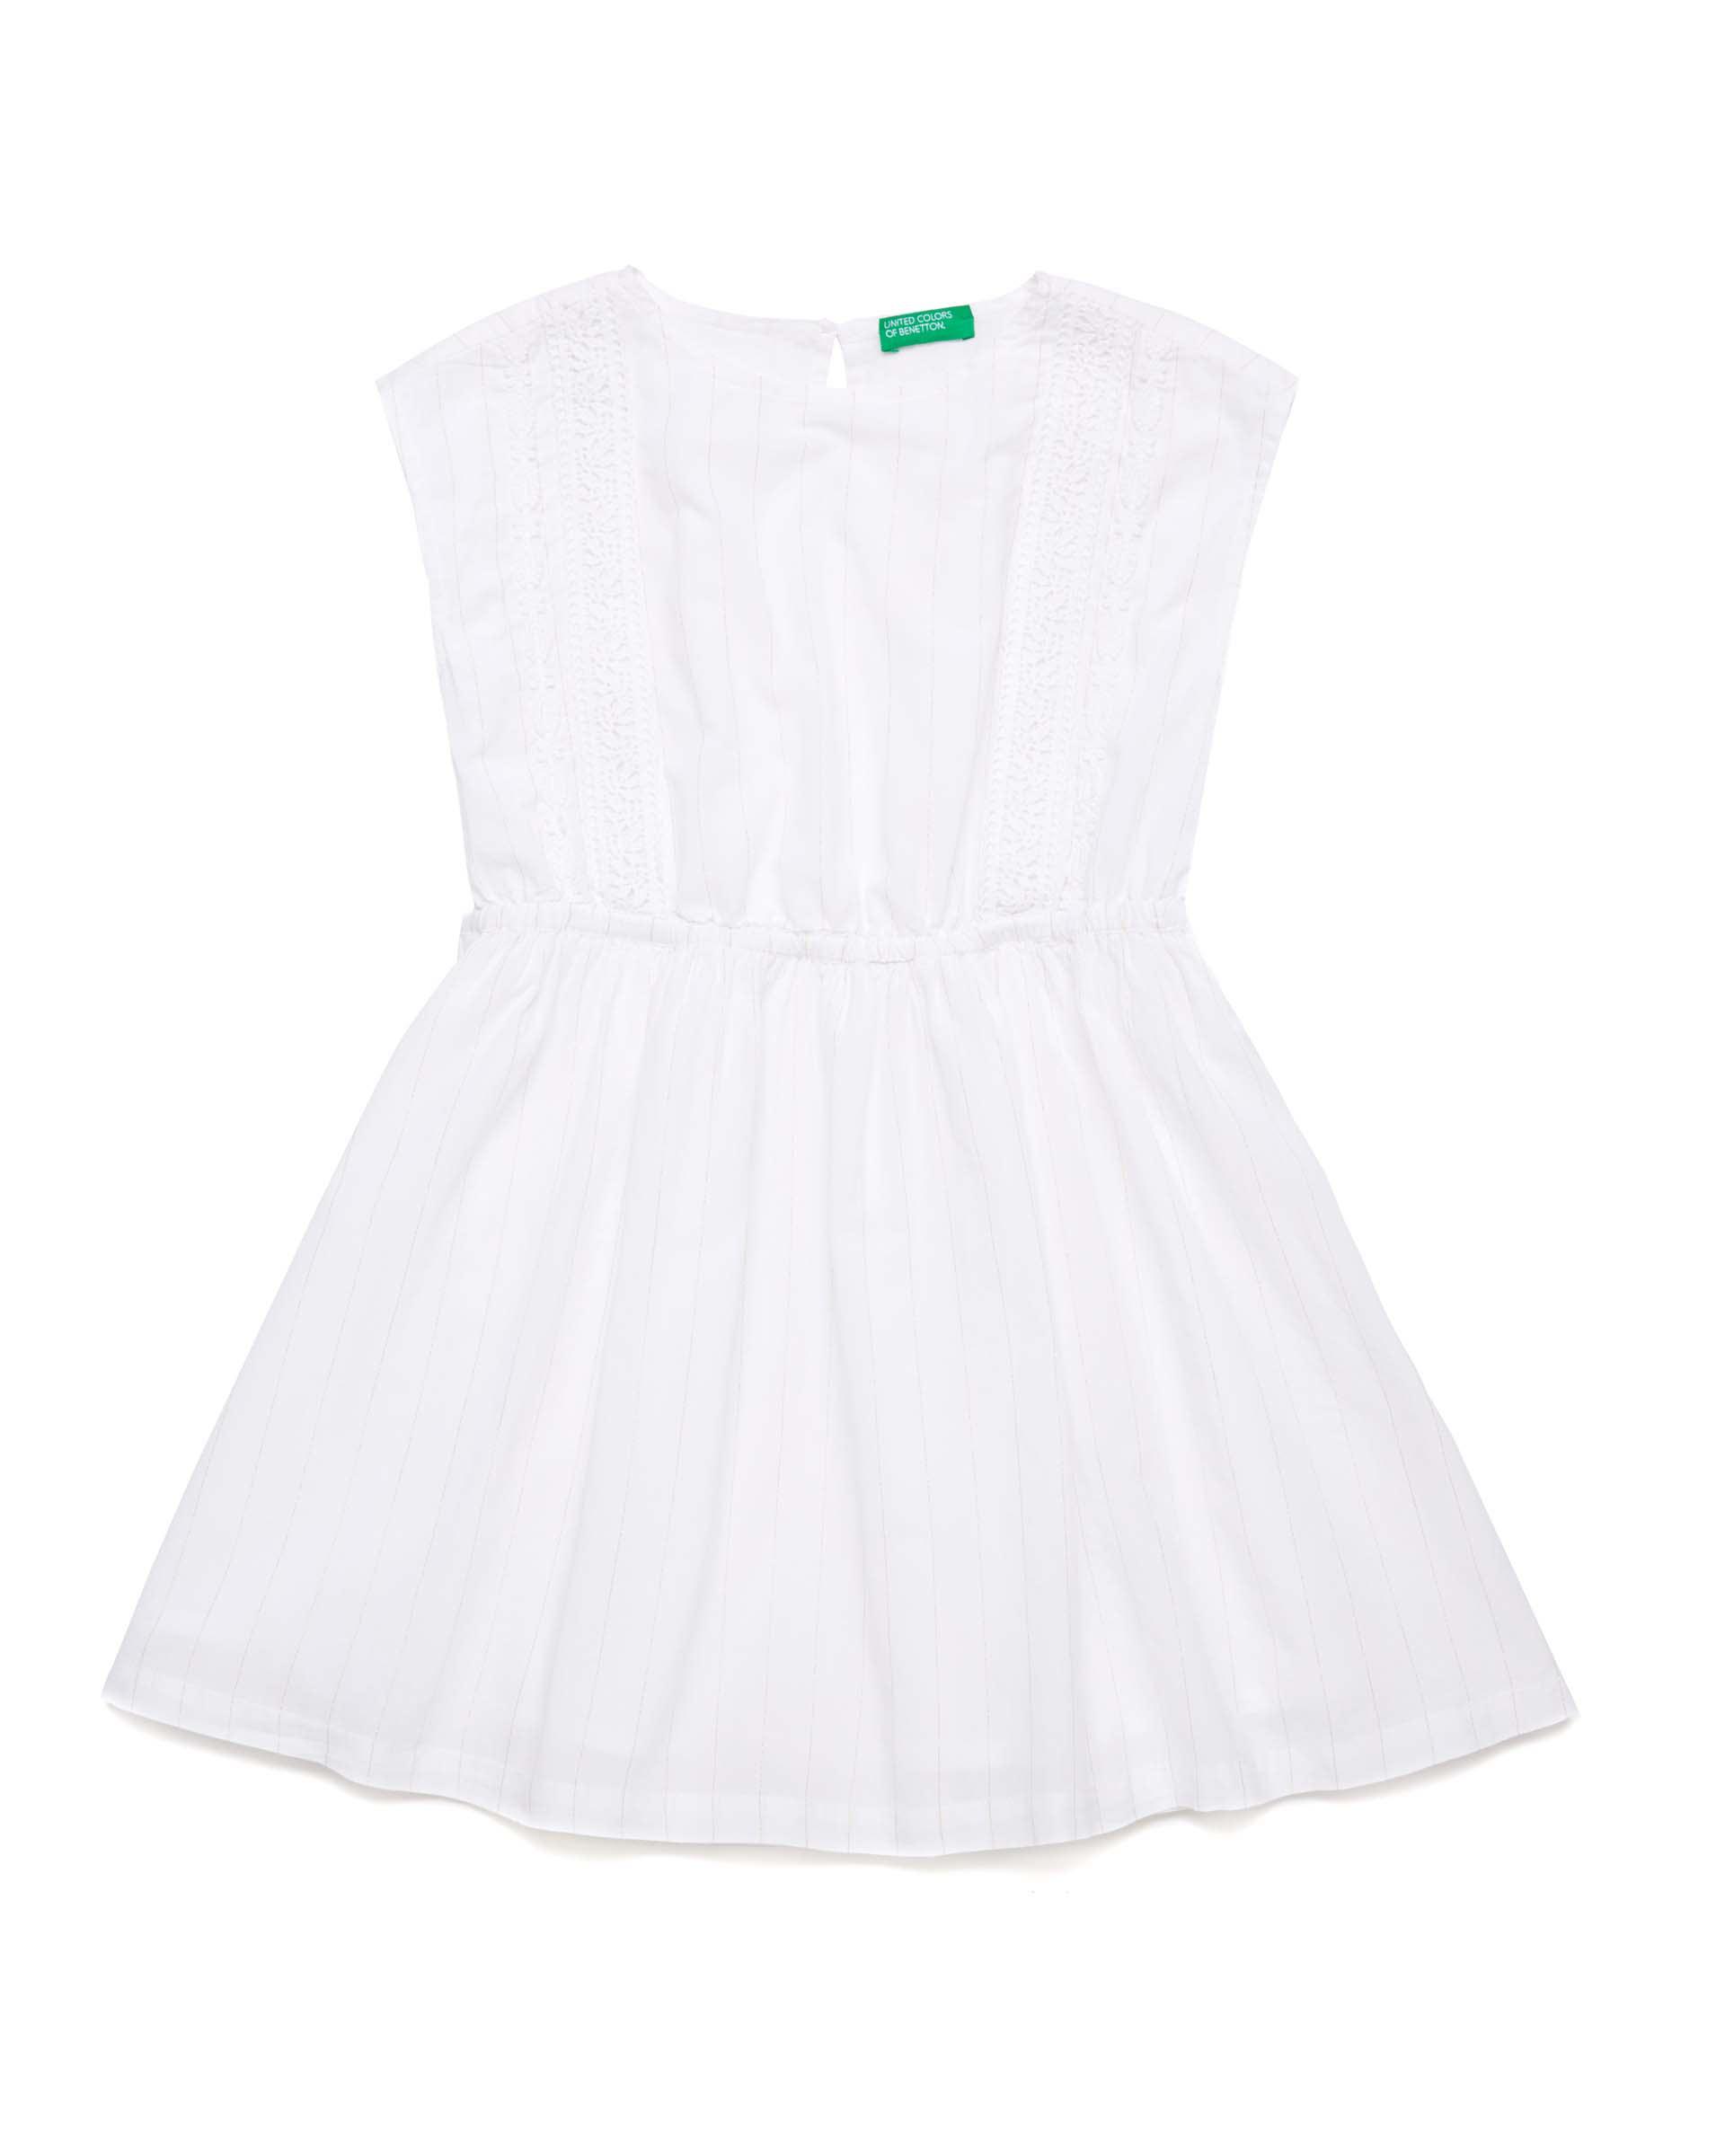 Купить 20P_4OV55VDH0_901, Платье для девочек Benetton 4OV55VDH0_901 р-р 152, United Colors of Benetton, Платья для девочек